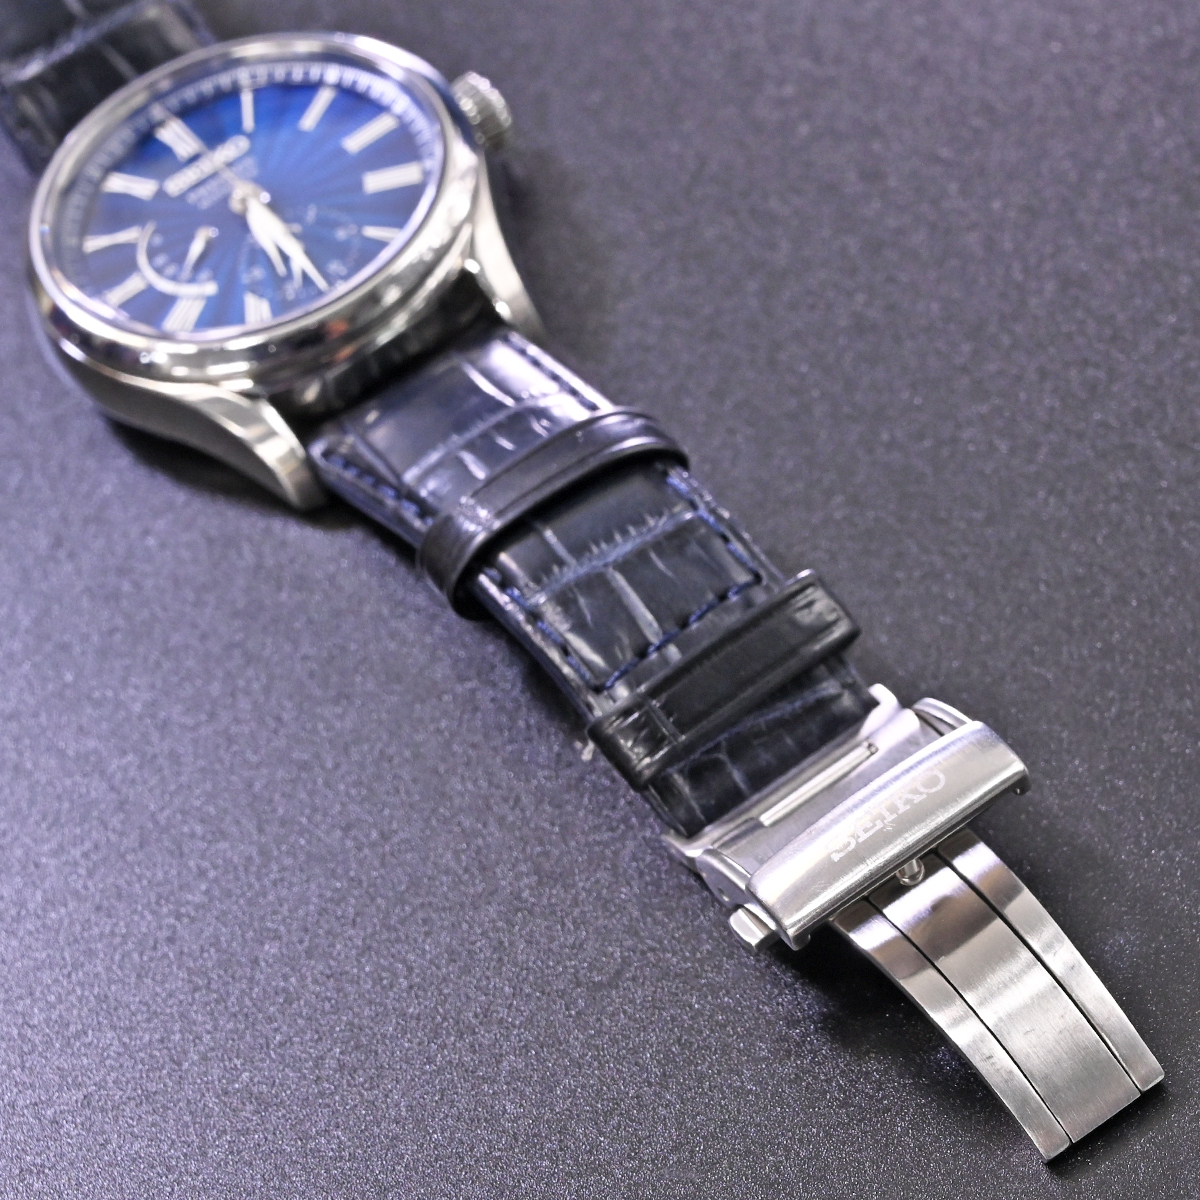 本物 美品 セイコー 限定品 SARW039 エナメル七宝文字盤 メカニカル プレサージュ メンズウォッチ 男性用自動巻腕時計 保証書 取説付 SEIKO_画像9